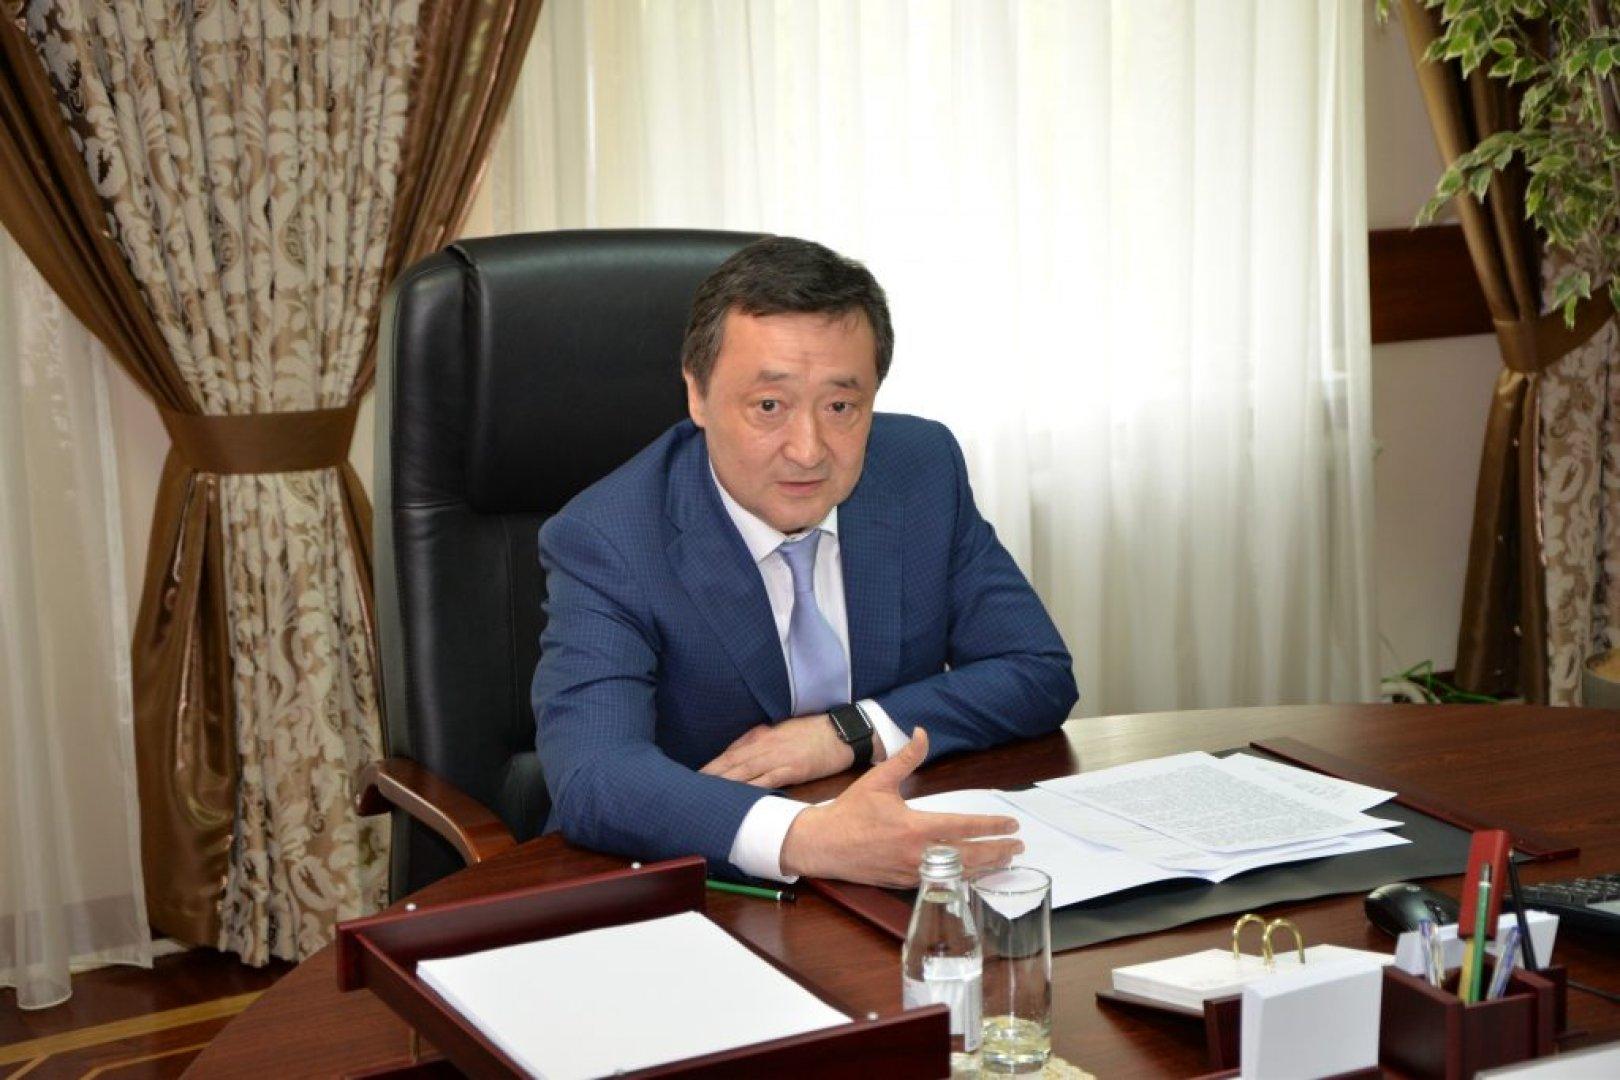 Гвоздев дмитрий адвокат